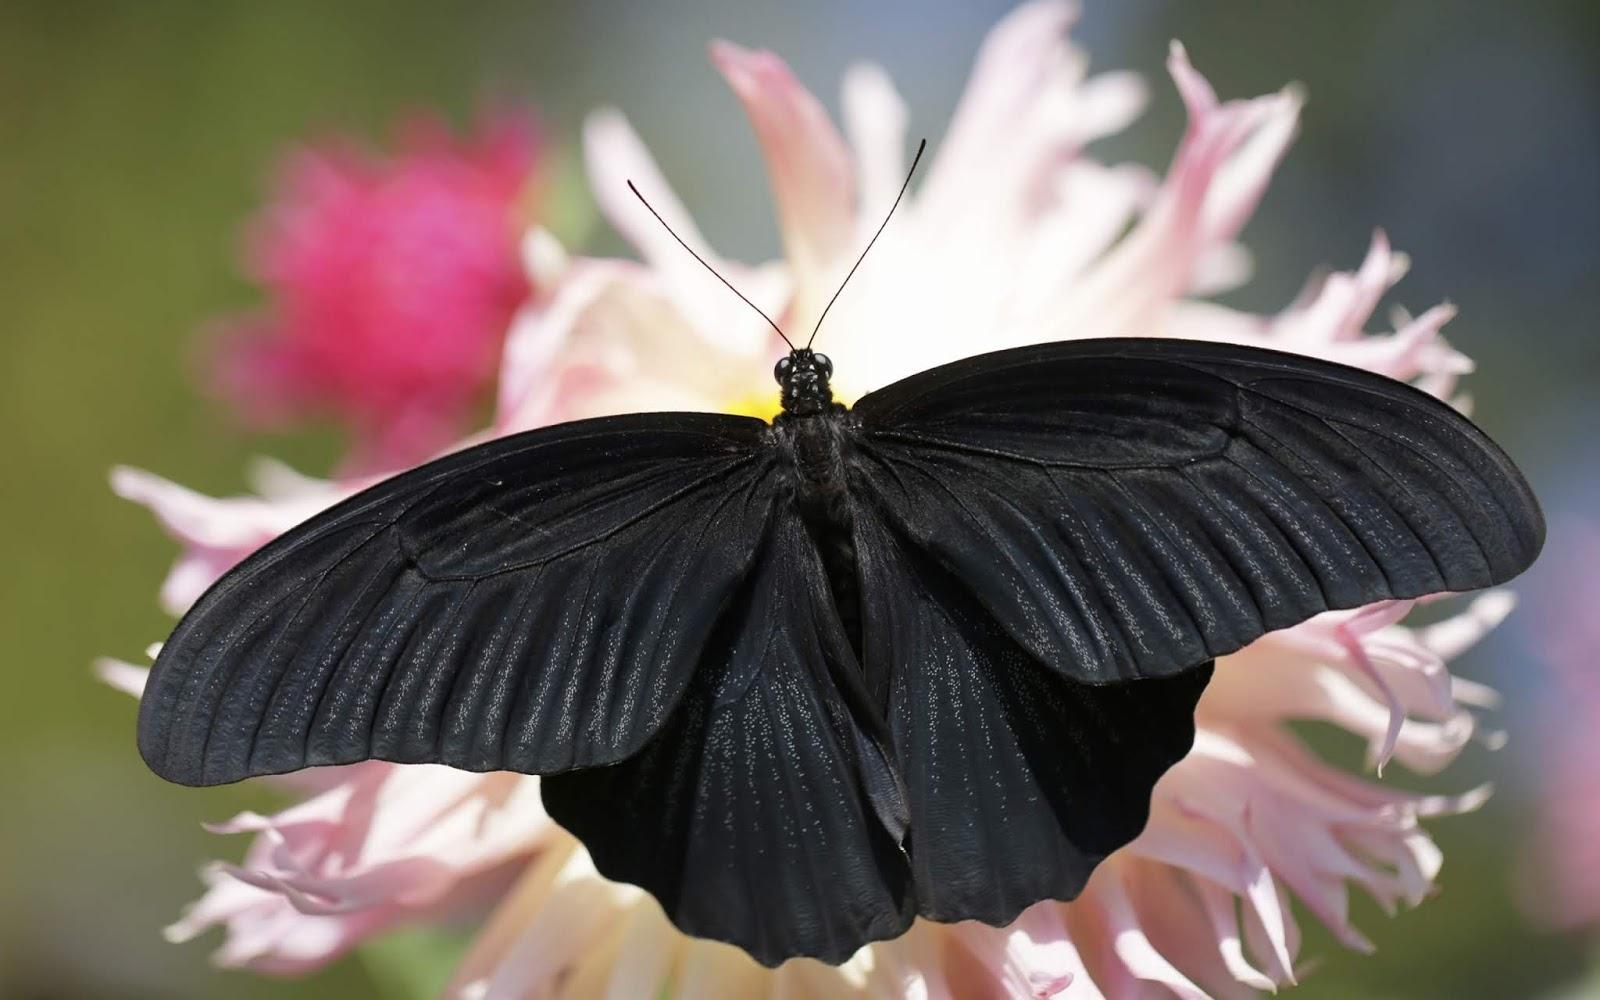 Os diferentes significados da borboleta preta. (Imagem: Internet)